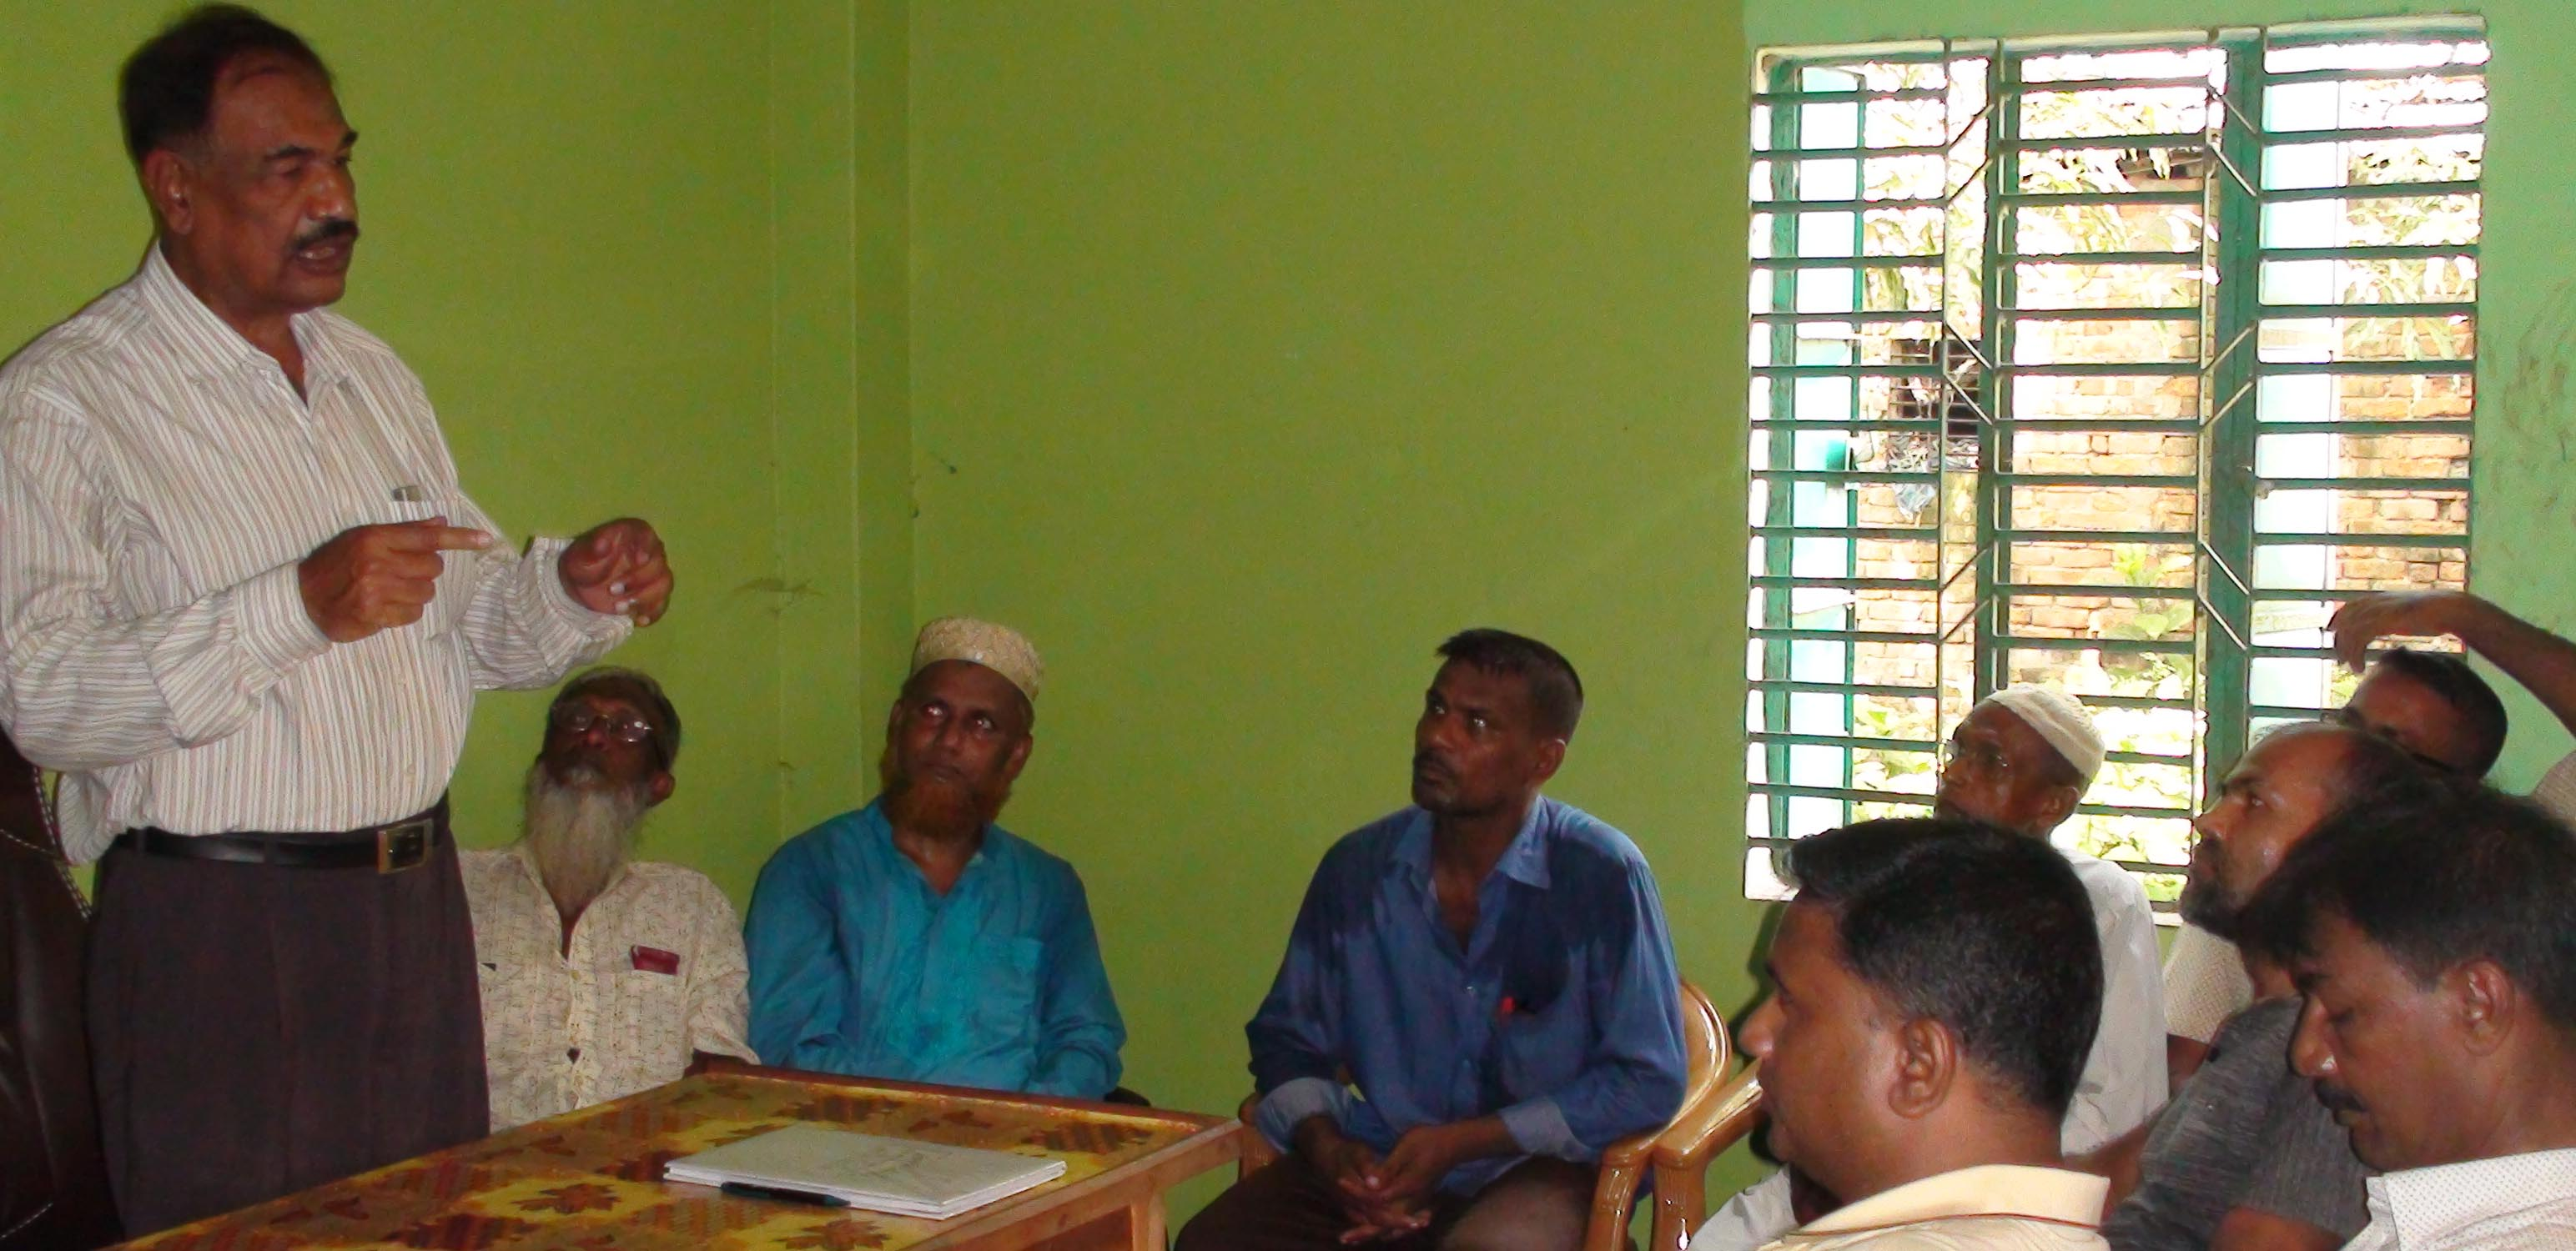 বুধহাটায় অবসরপ্রাপ্ত সৈনিক কল্যাণ সংগঠনের নেতৃবৃন্দের সাথে মুক্তিযোদ্ধা জামায়েতের মতবিনিময়